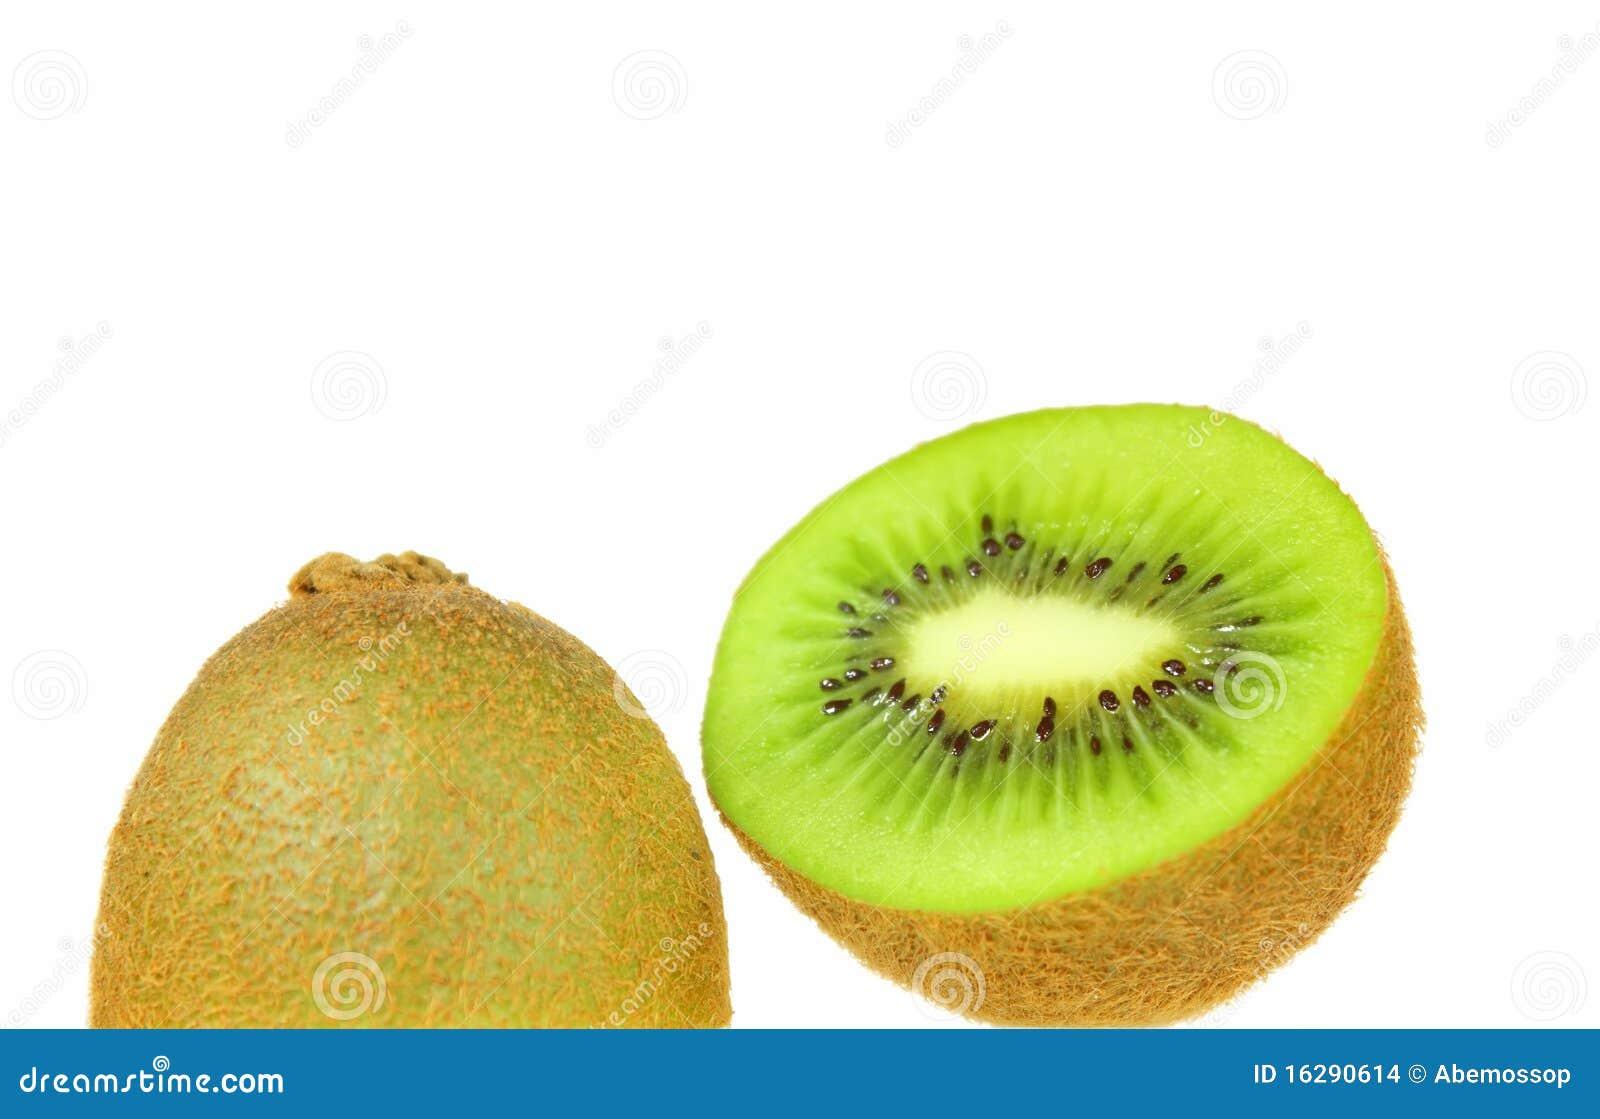 kiwi fruit how to open